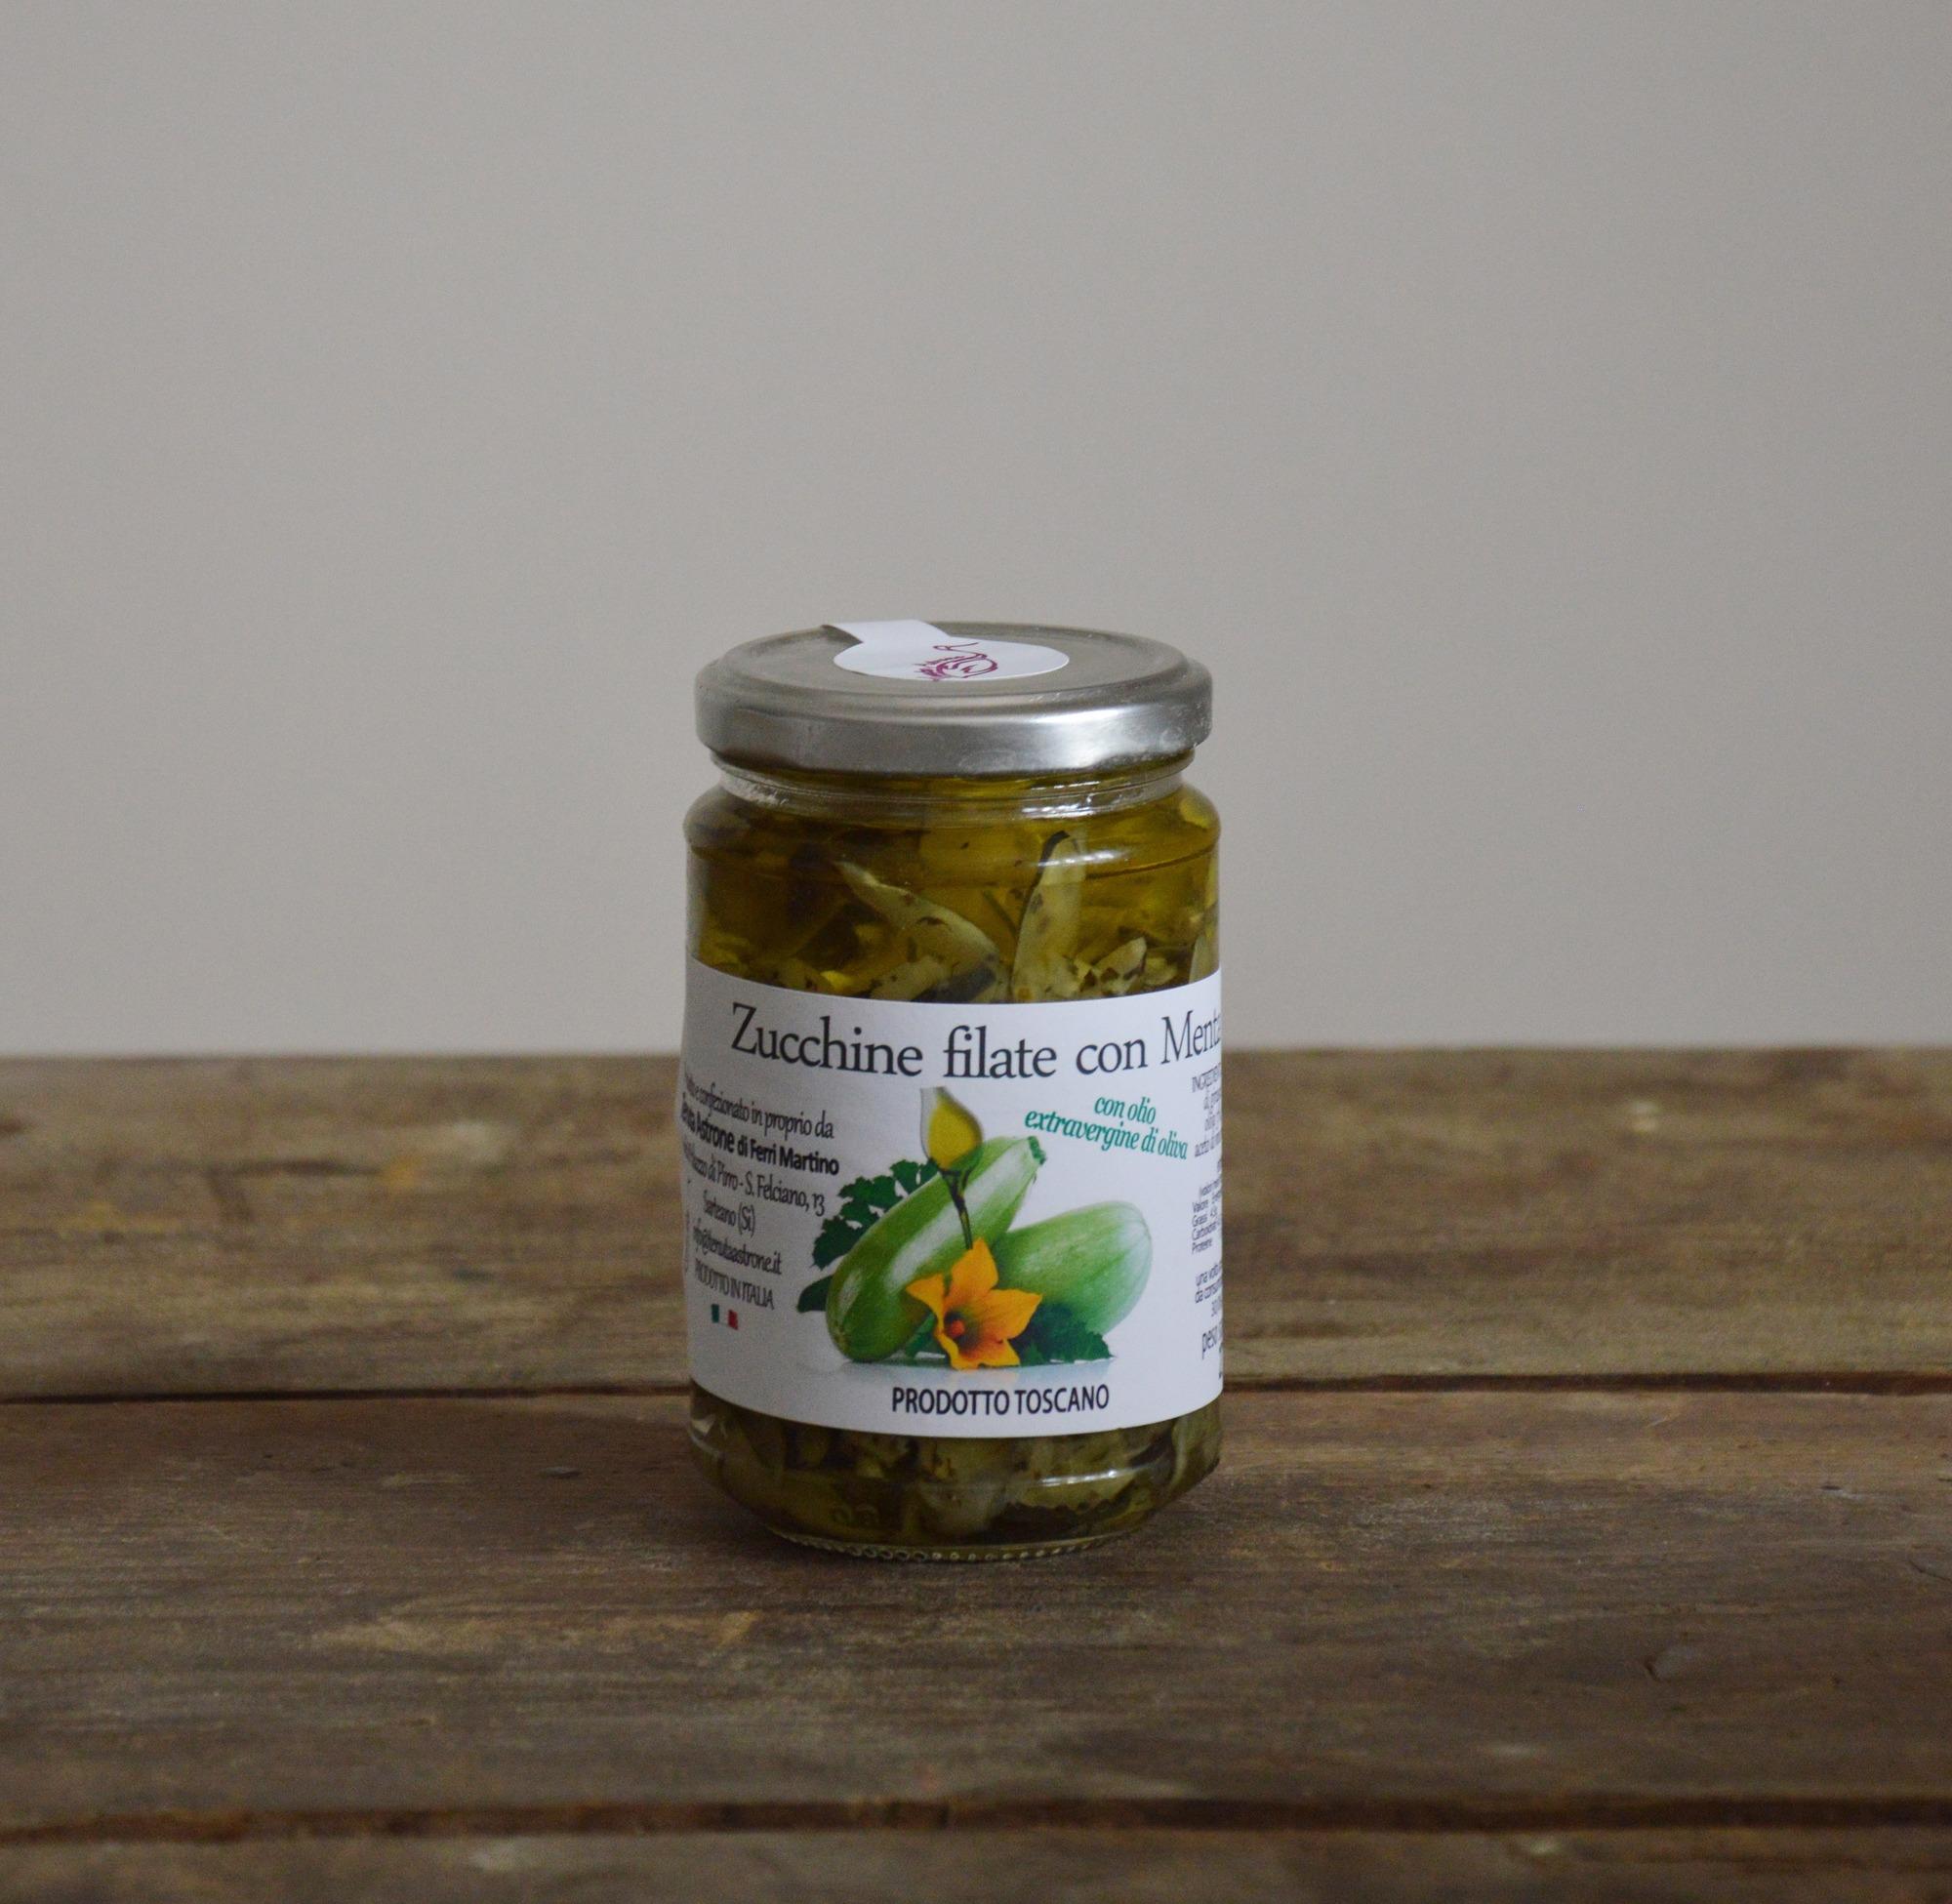 zucchine filate con menta Tenuta Astrone